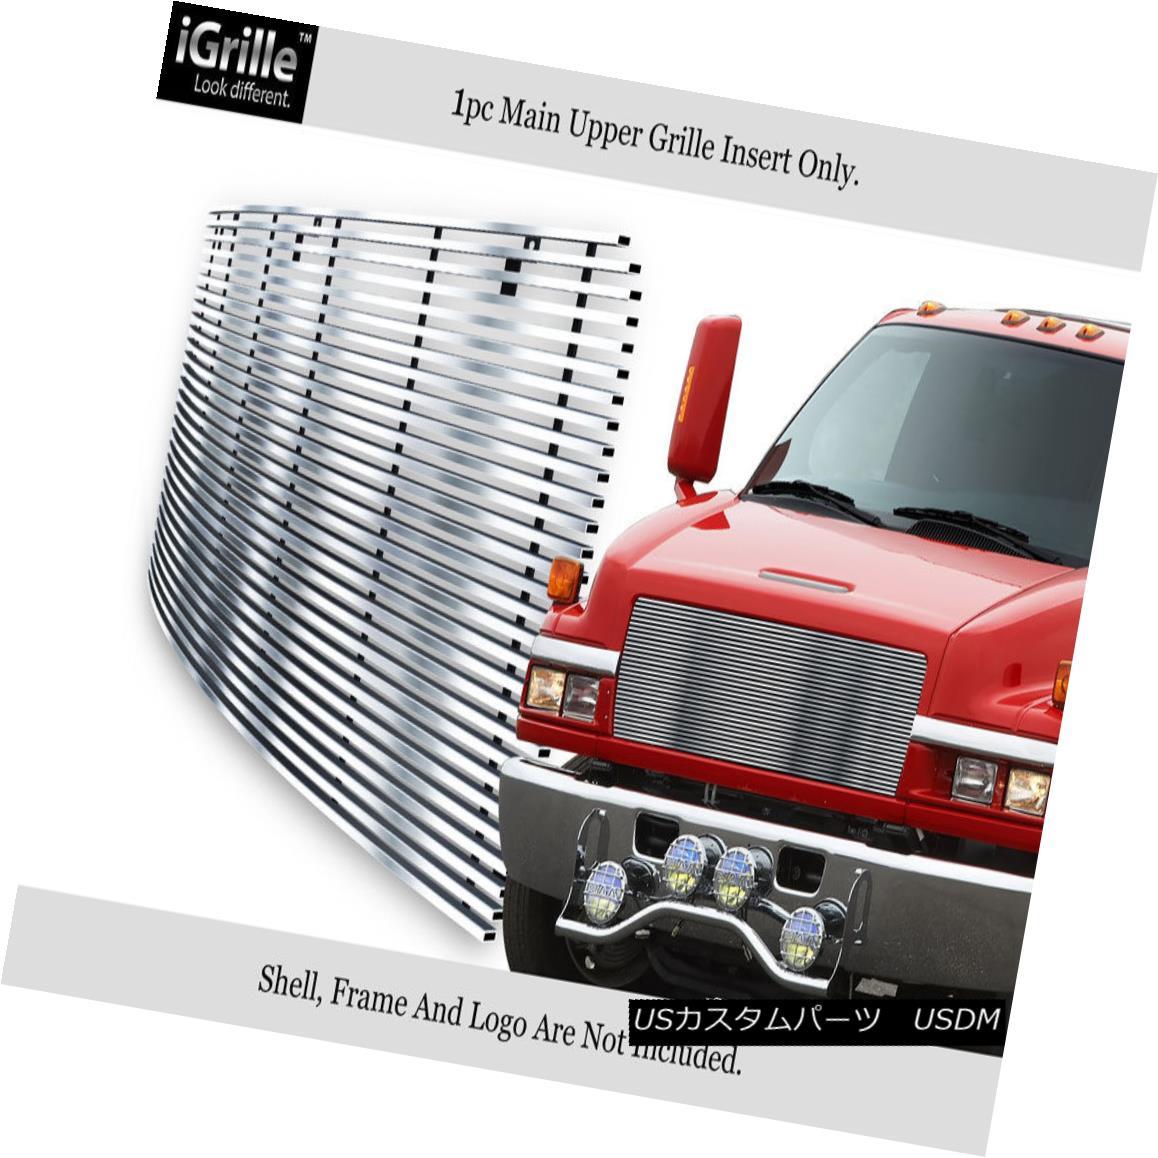 グリル Fits 03-09 Chevy Kodiak C4500/C5500 Commercial Truck Stainless Billet Grille フィット03-09シボレーコディアックC4500 / C5500商用車ステンレスビレットグリル